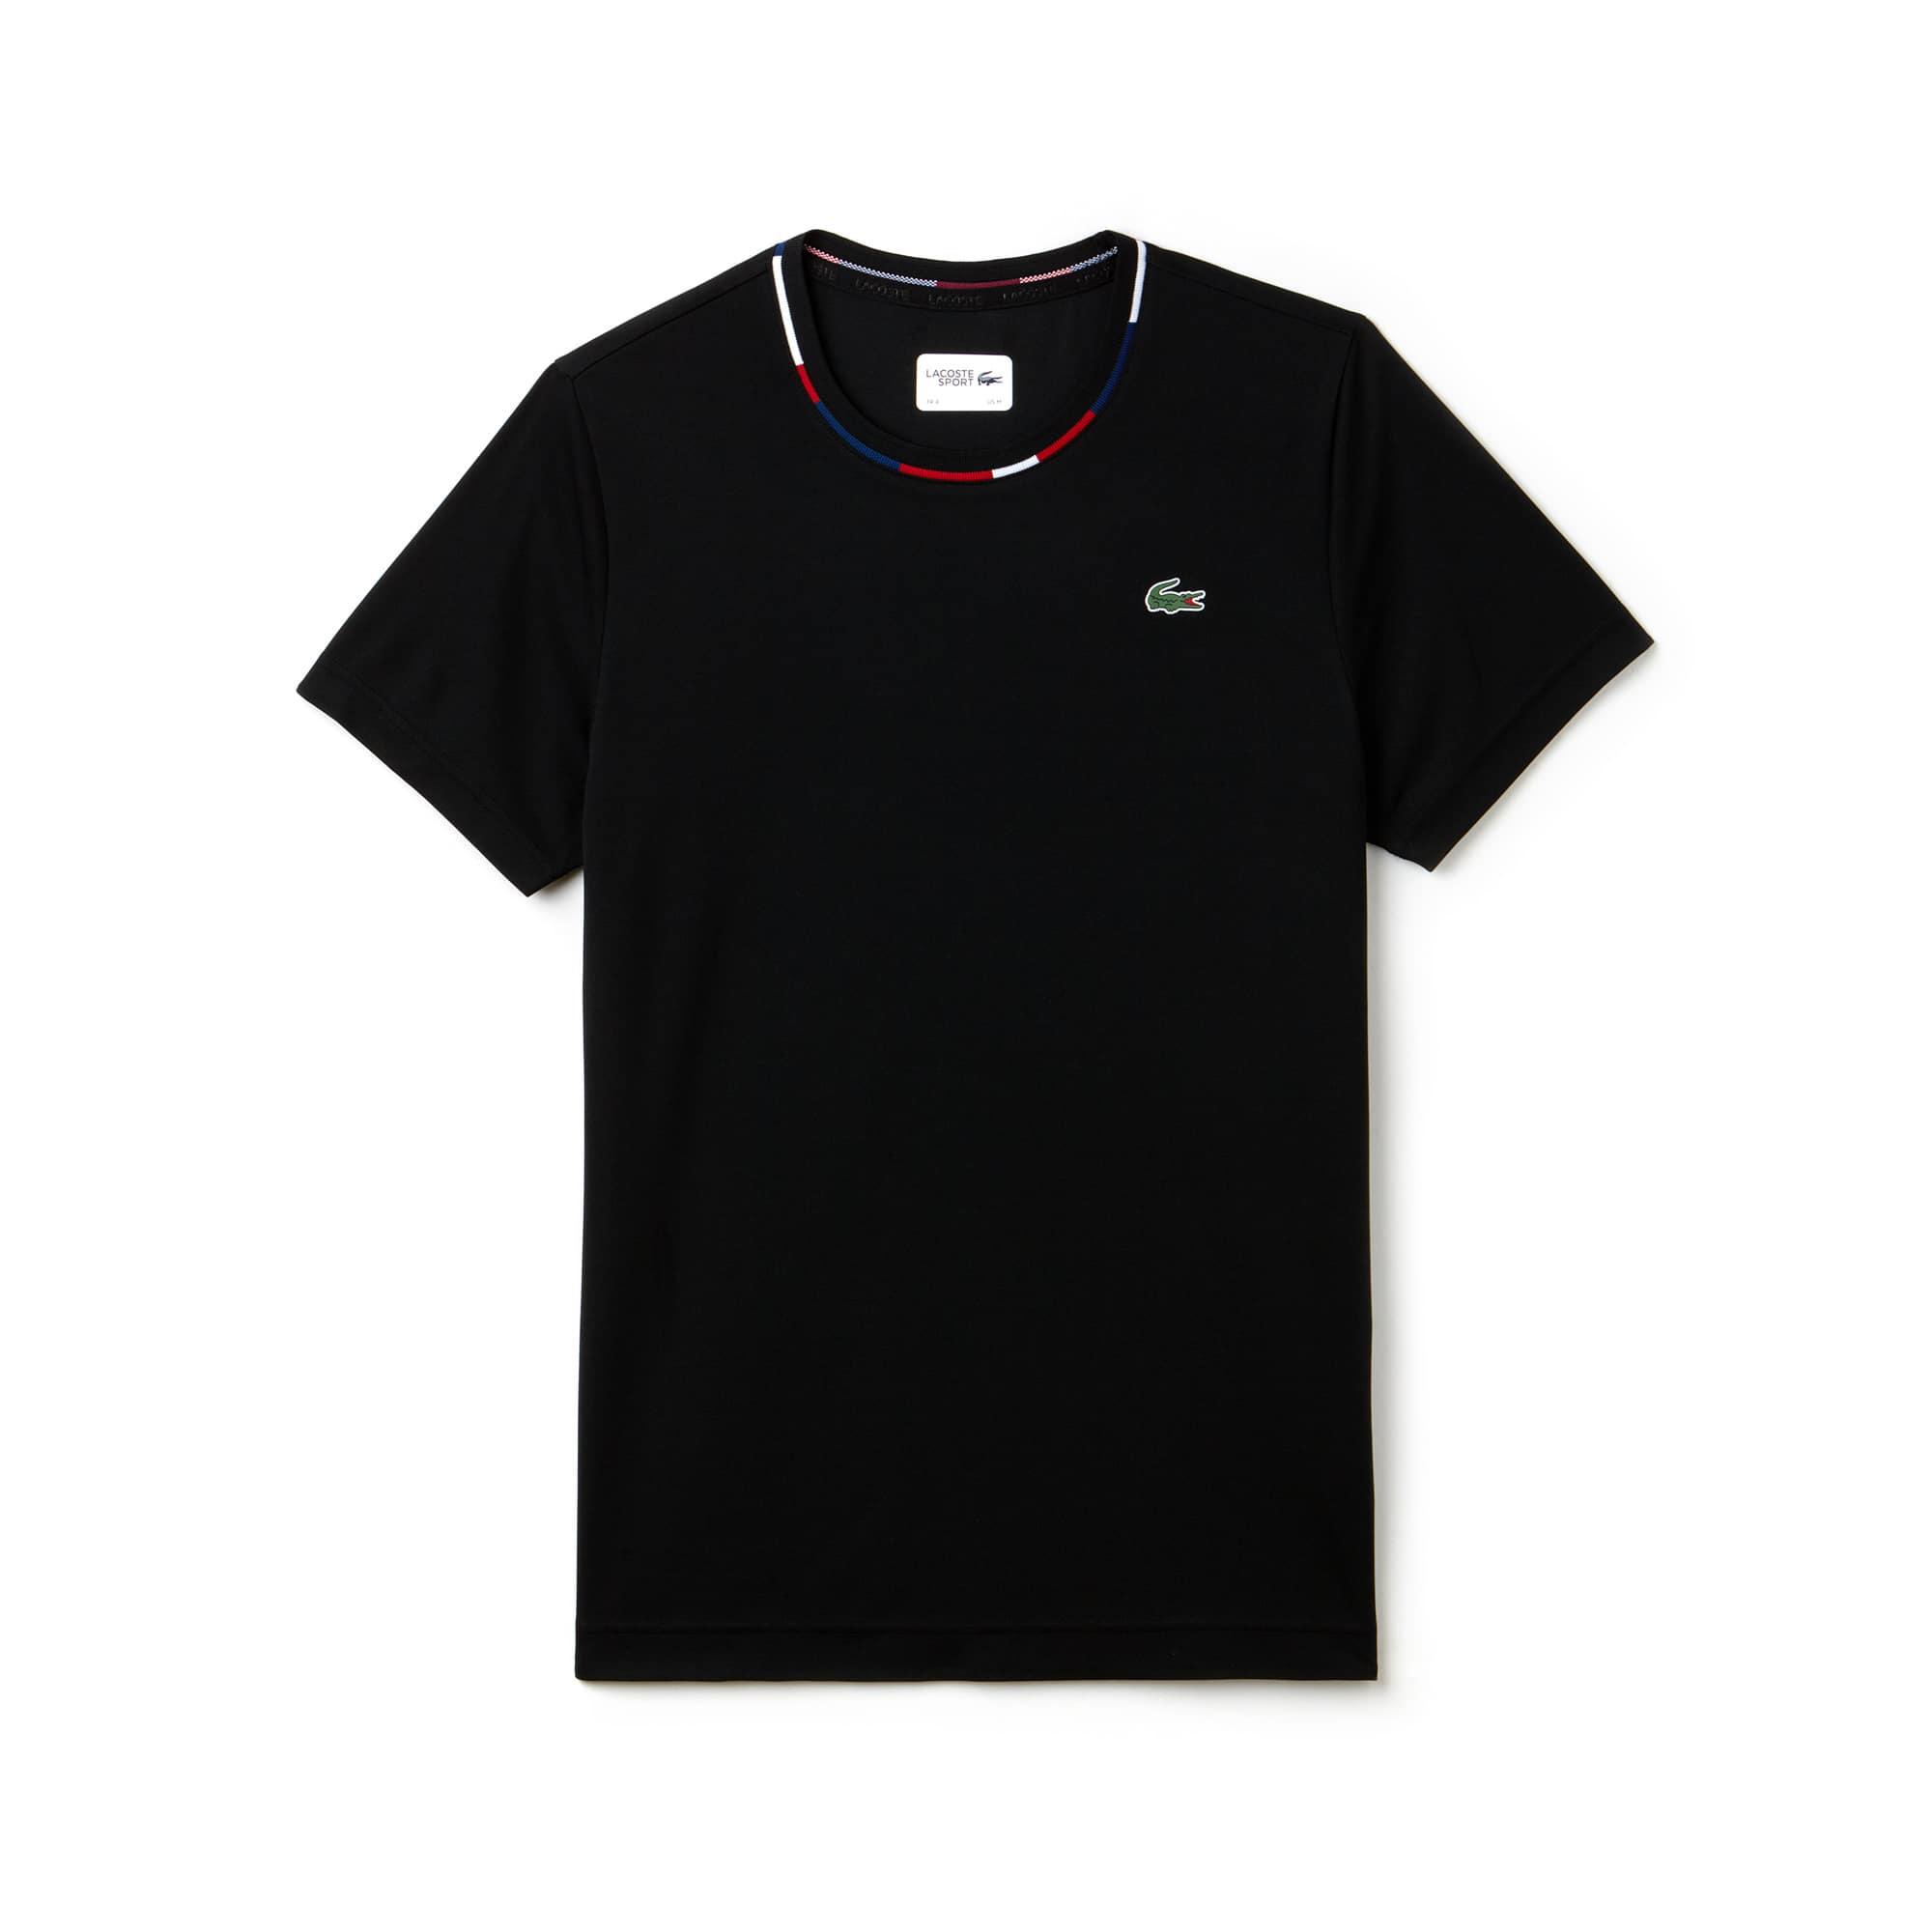 Men's Lacoste SPORT Jacquard Accents Tech Piqué Tennis T-shirt